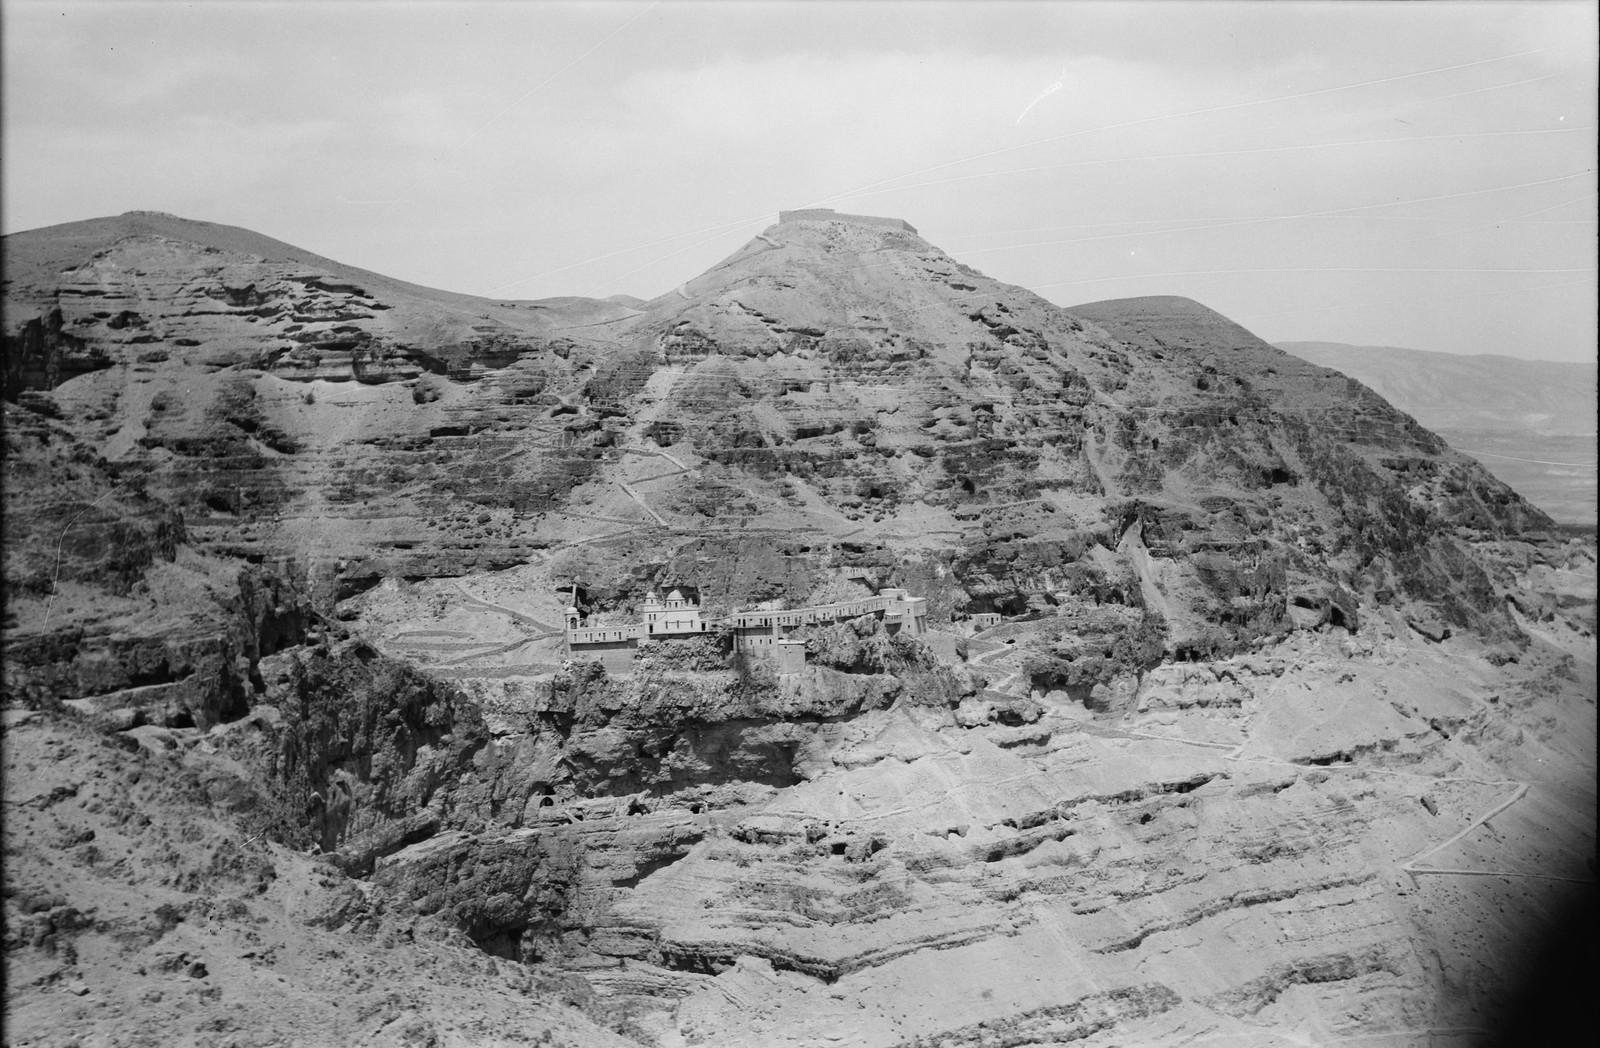 10. Воздушный маршрут по старой дороге Иерусалим-Иерихон. Гора Искушения и монастырь. Вид вблизи